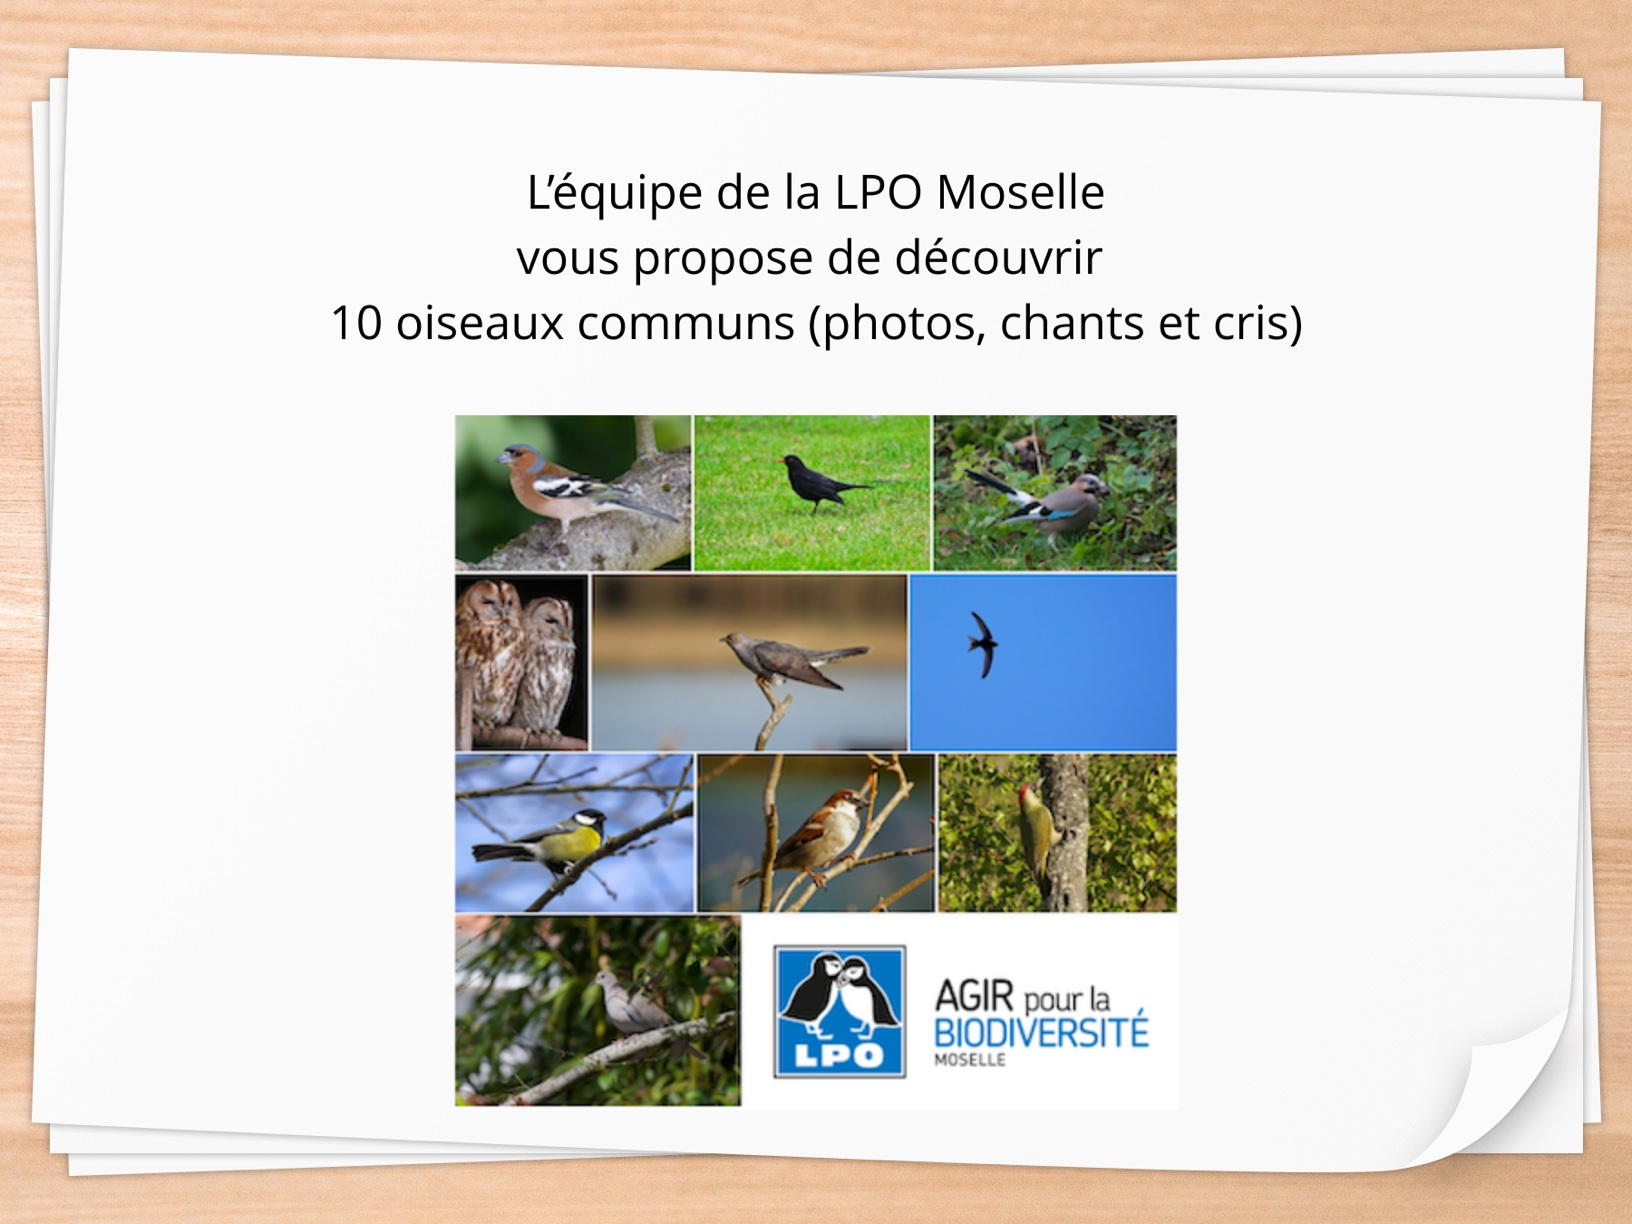 10 oiseaux communs